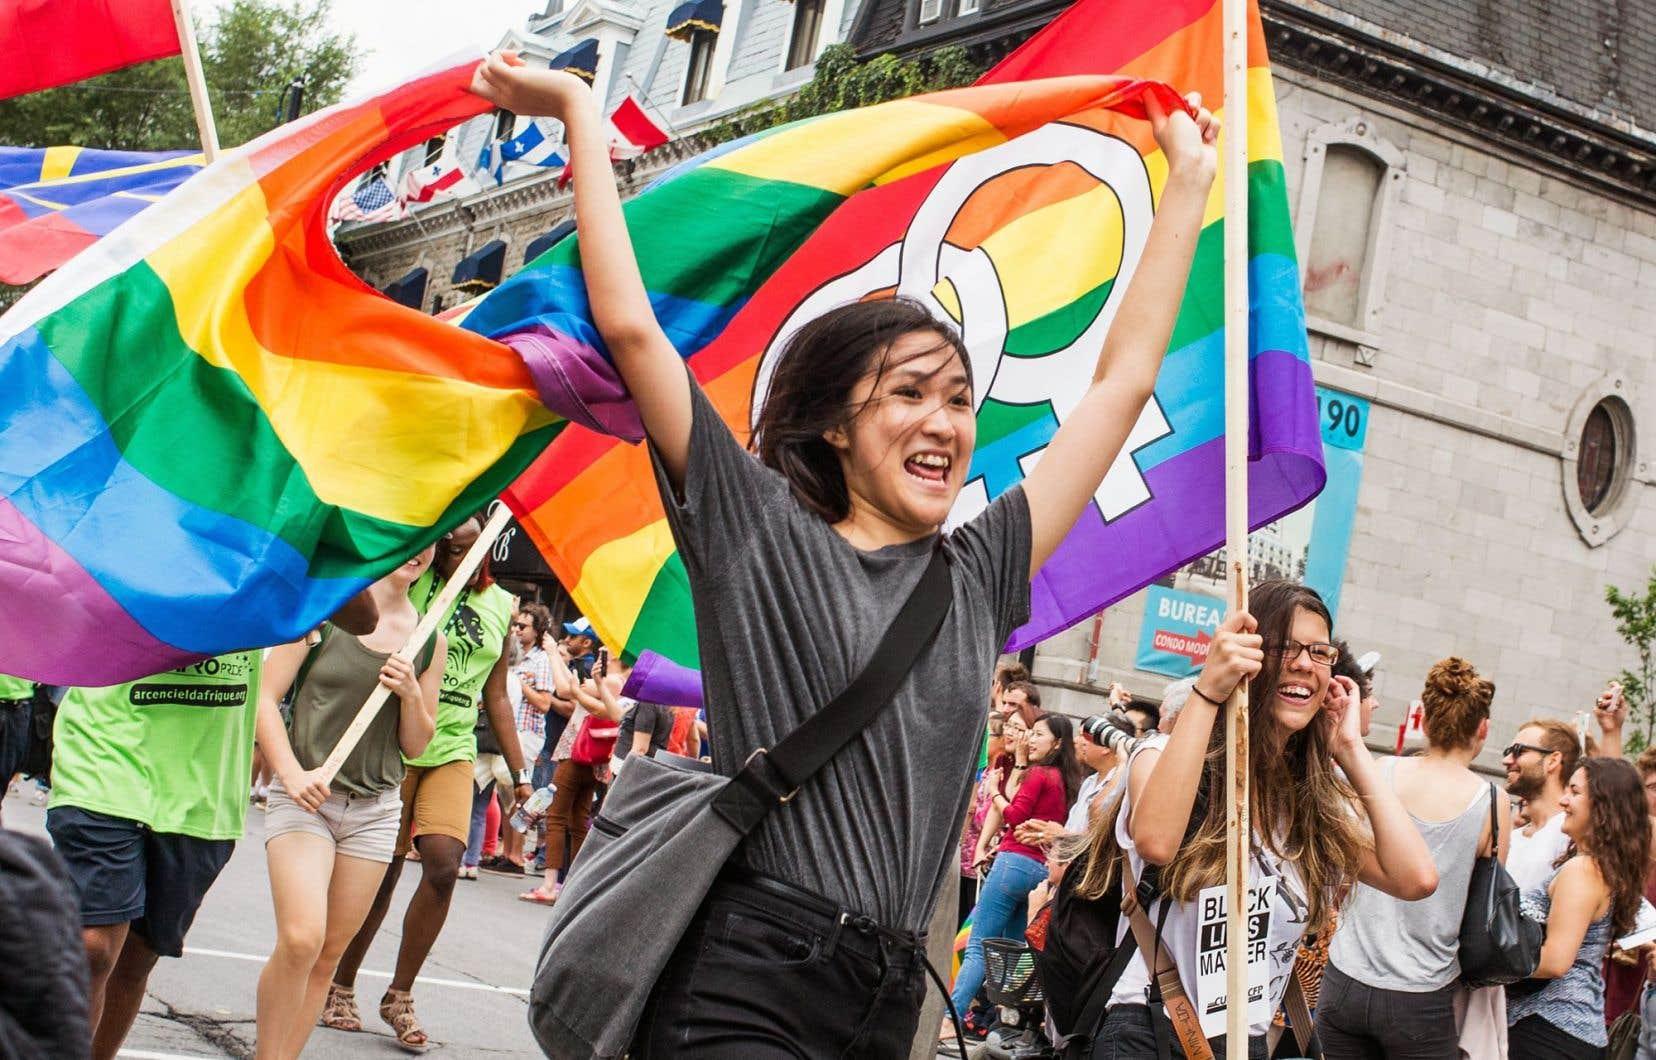 L'ouverture du maire de Montréal à la diversité sexuelle et de genre devra se traduire en gestes concrets, souligne-t-on dans le milieu LGBTQ +.